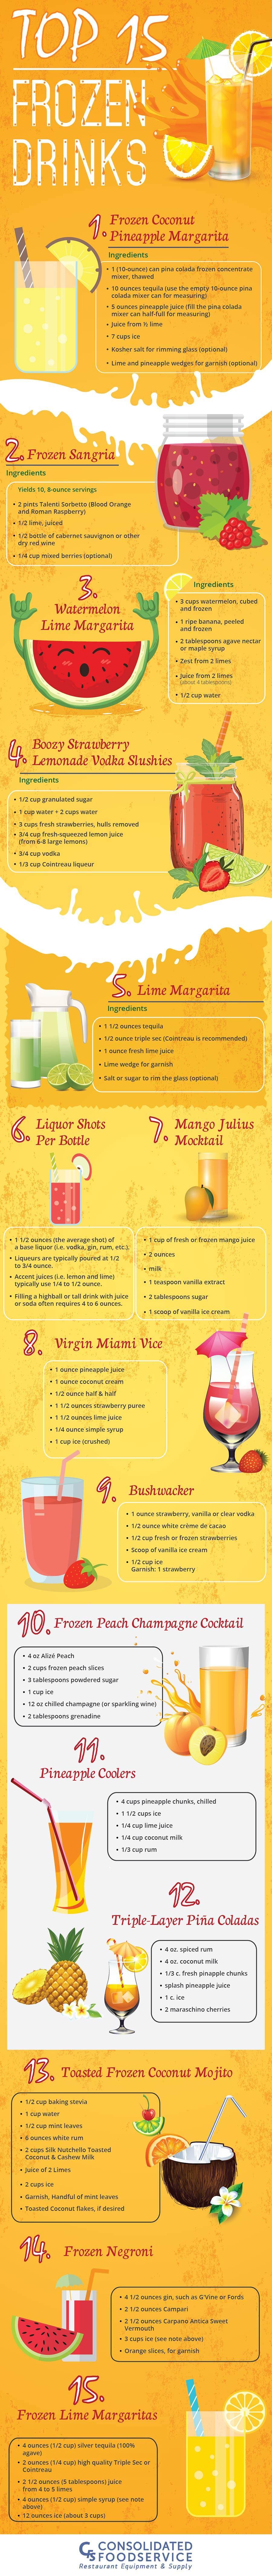 Top 15 Frozen Drinks Infographic